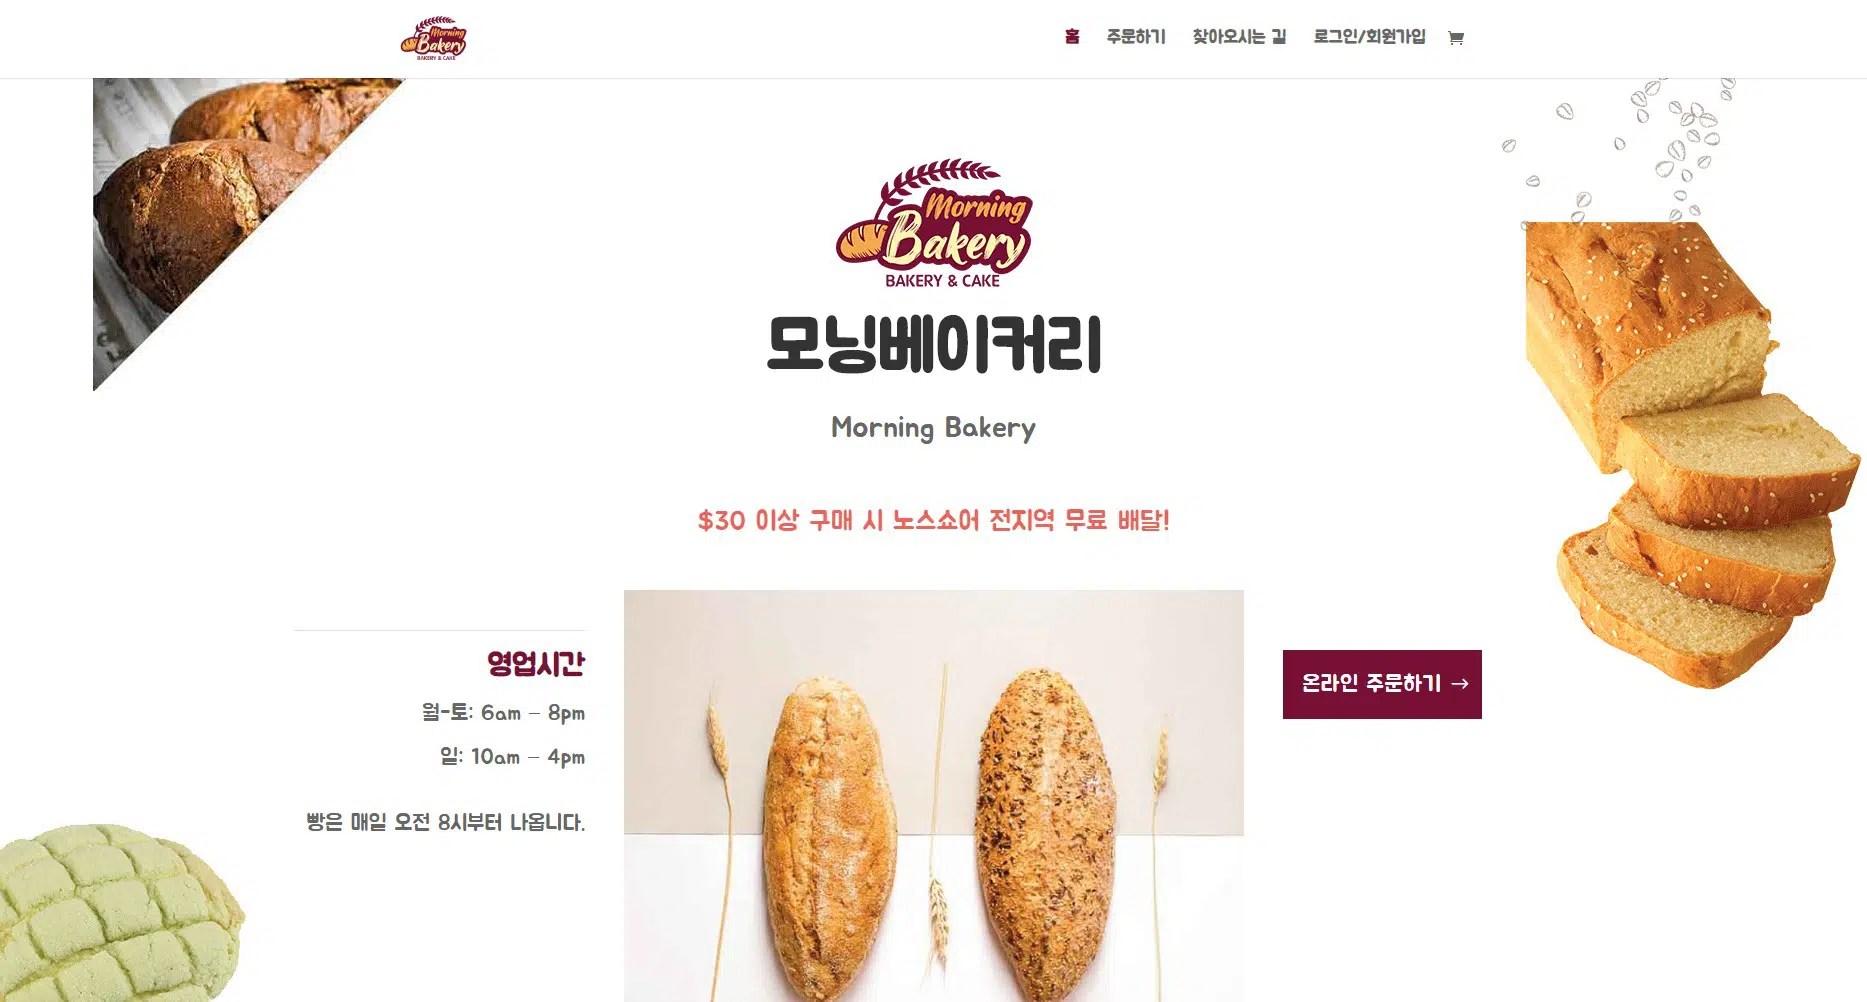 모닝 베이커리 온라인 쇼핑몰 구축